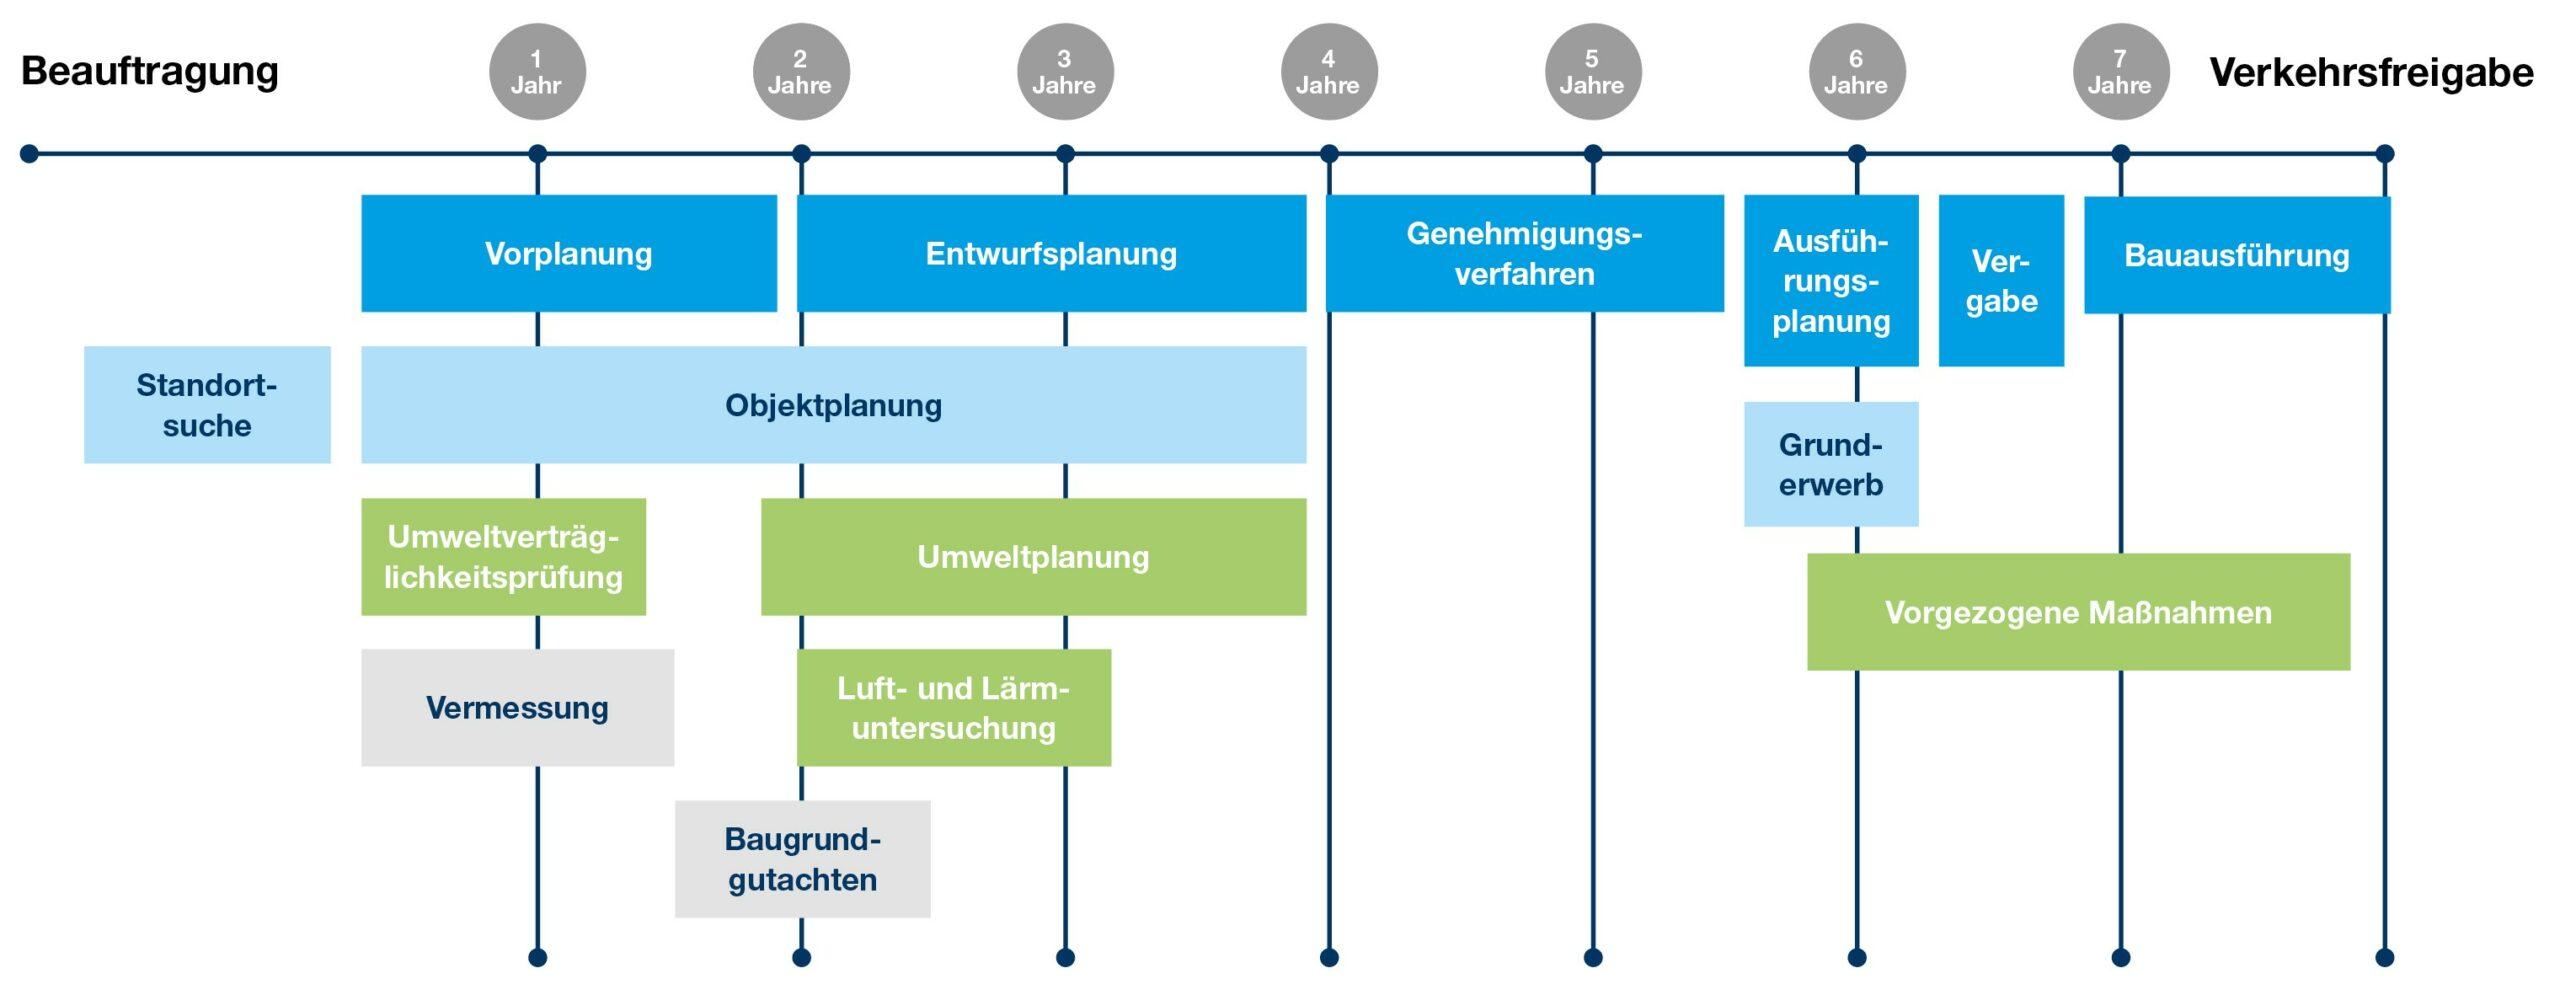 Grafik zum Planungsablauf für Rastanlagen